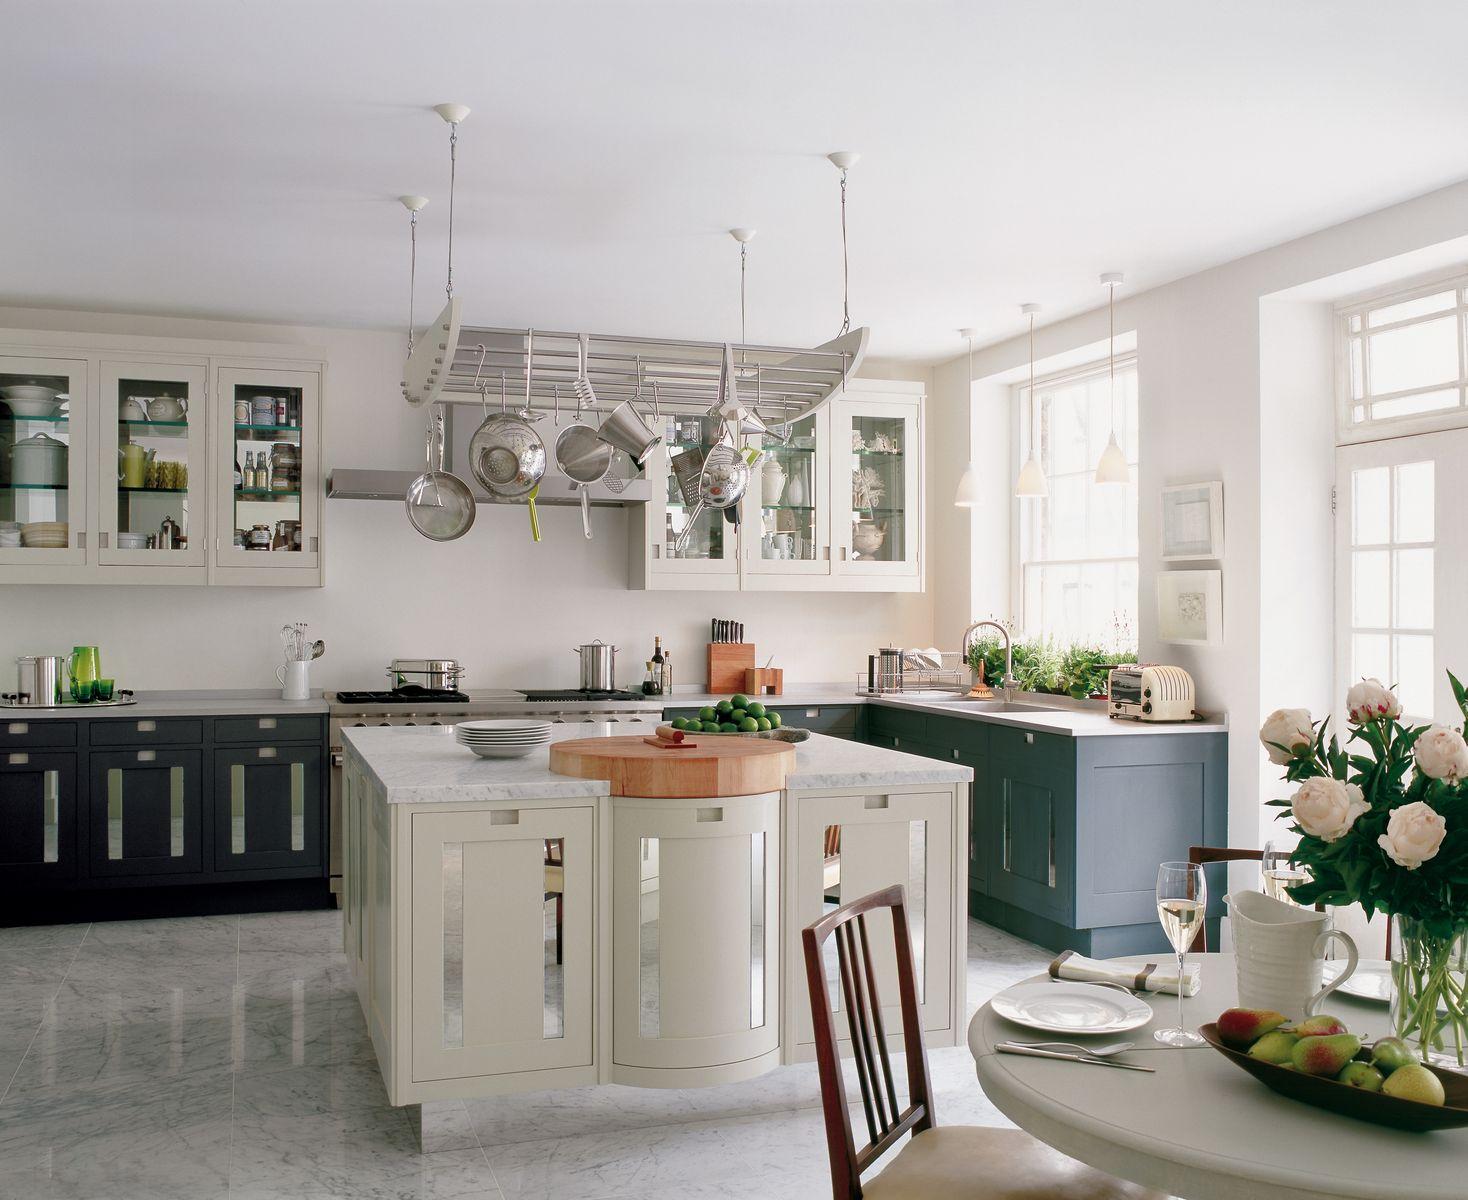 Функциональные кухни от Smallbone of Devizes — лучшие коллекции